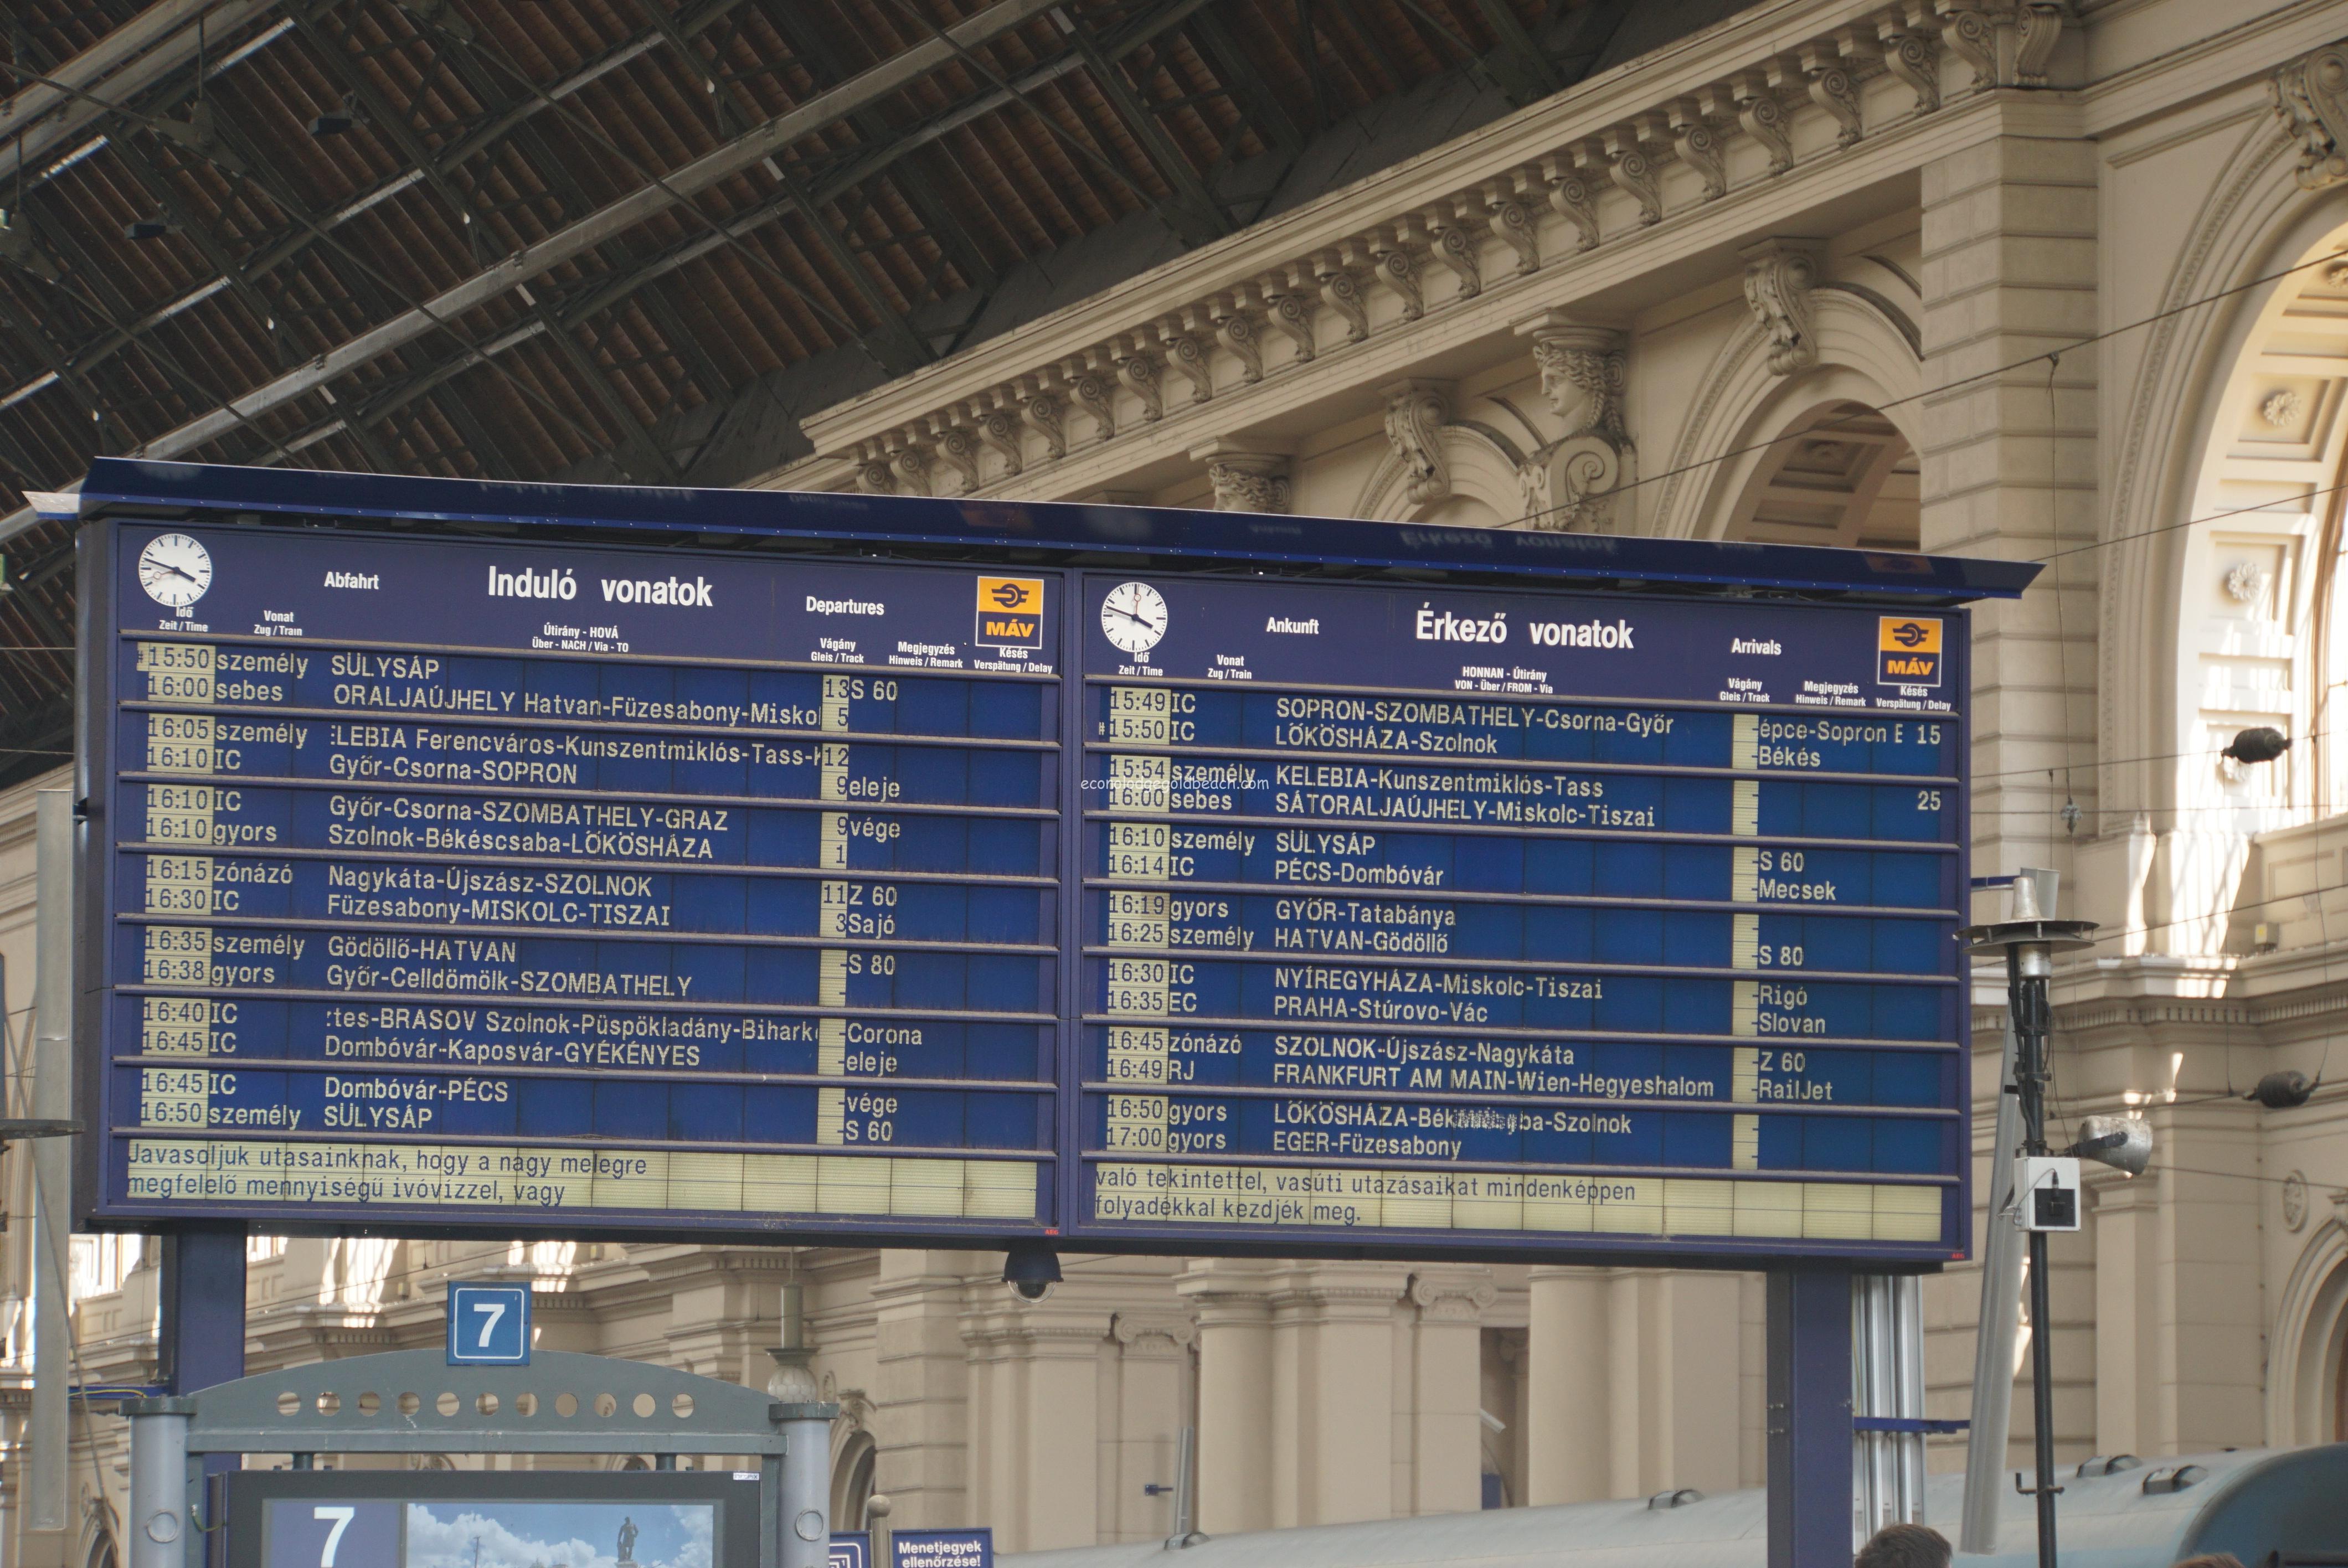 ブダペスト駅の掲示板